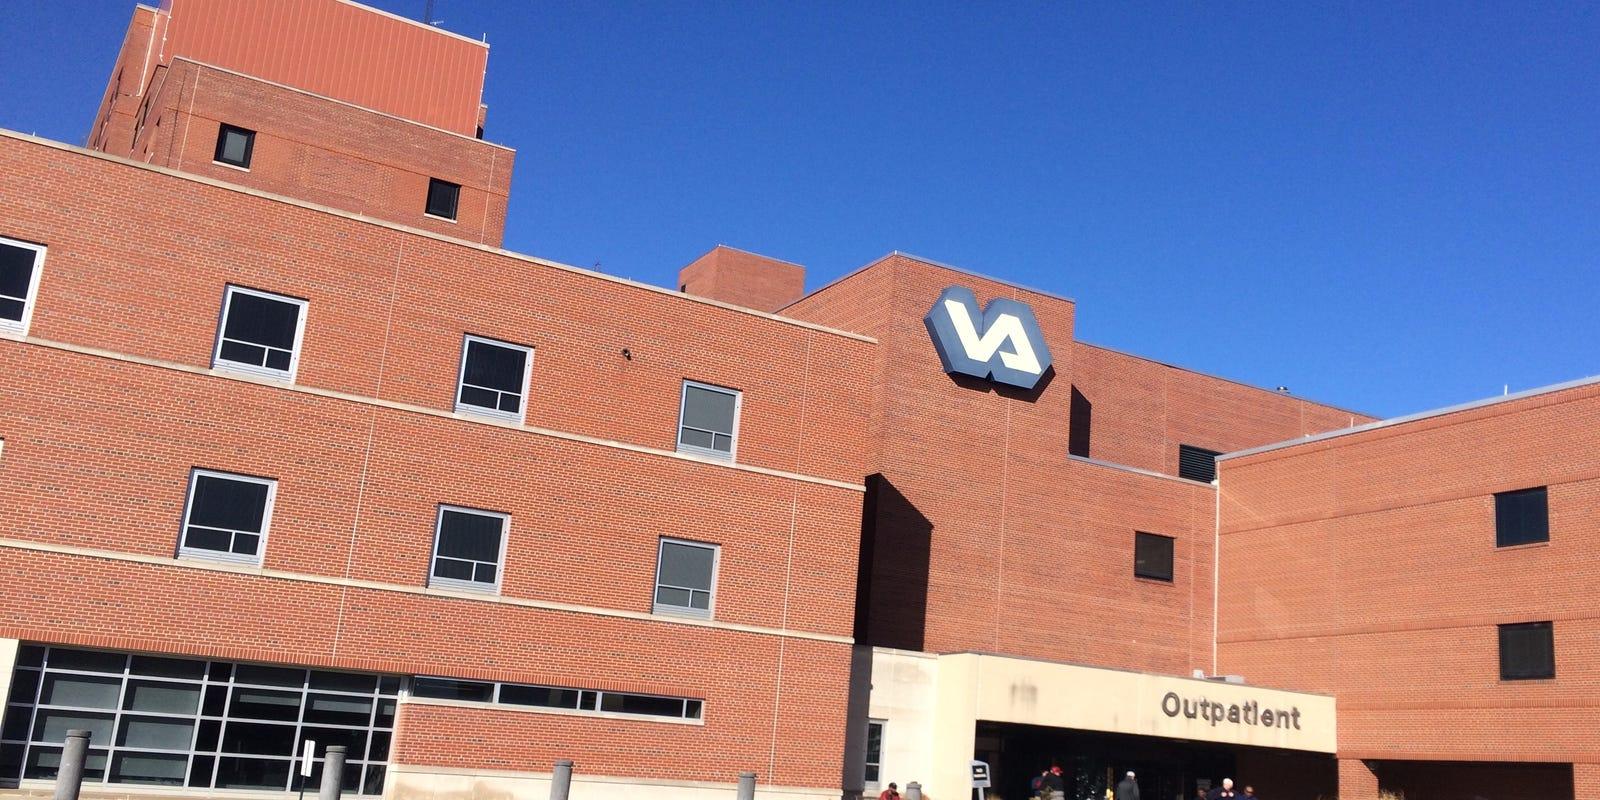 Cincinnati Va Warned About Awol Docs